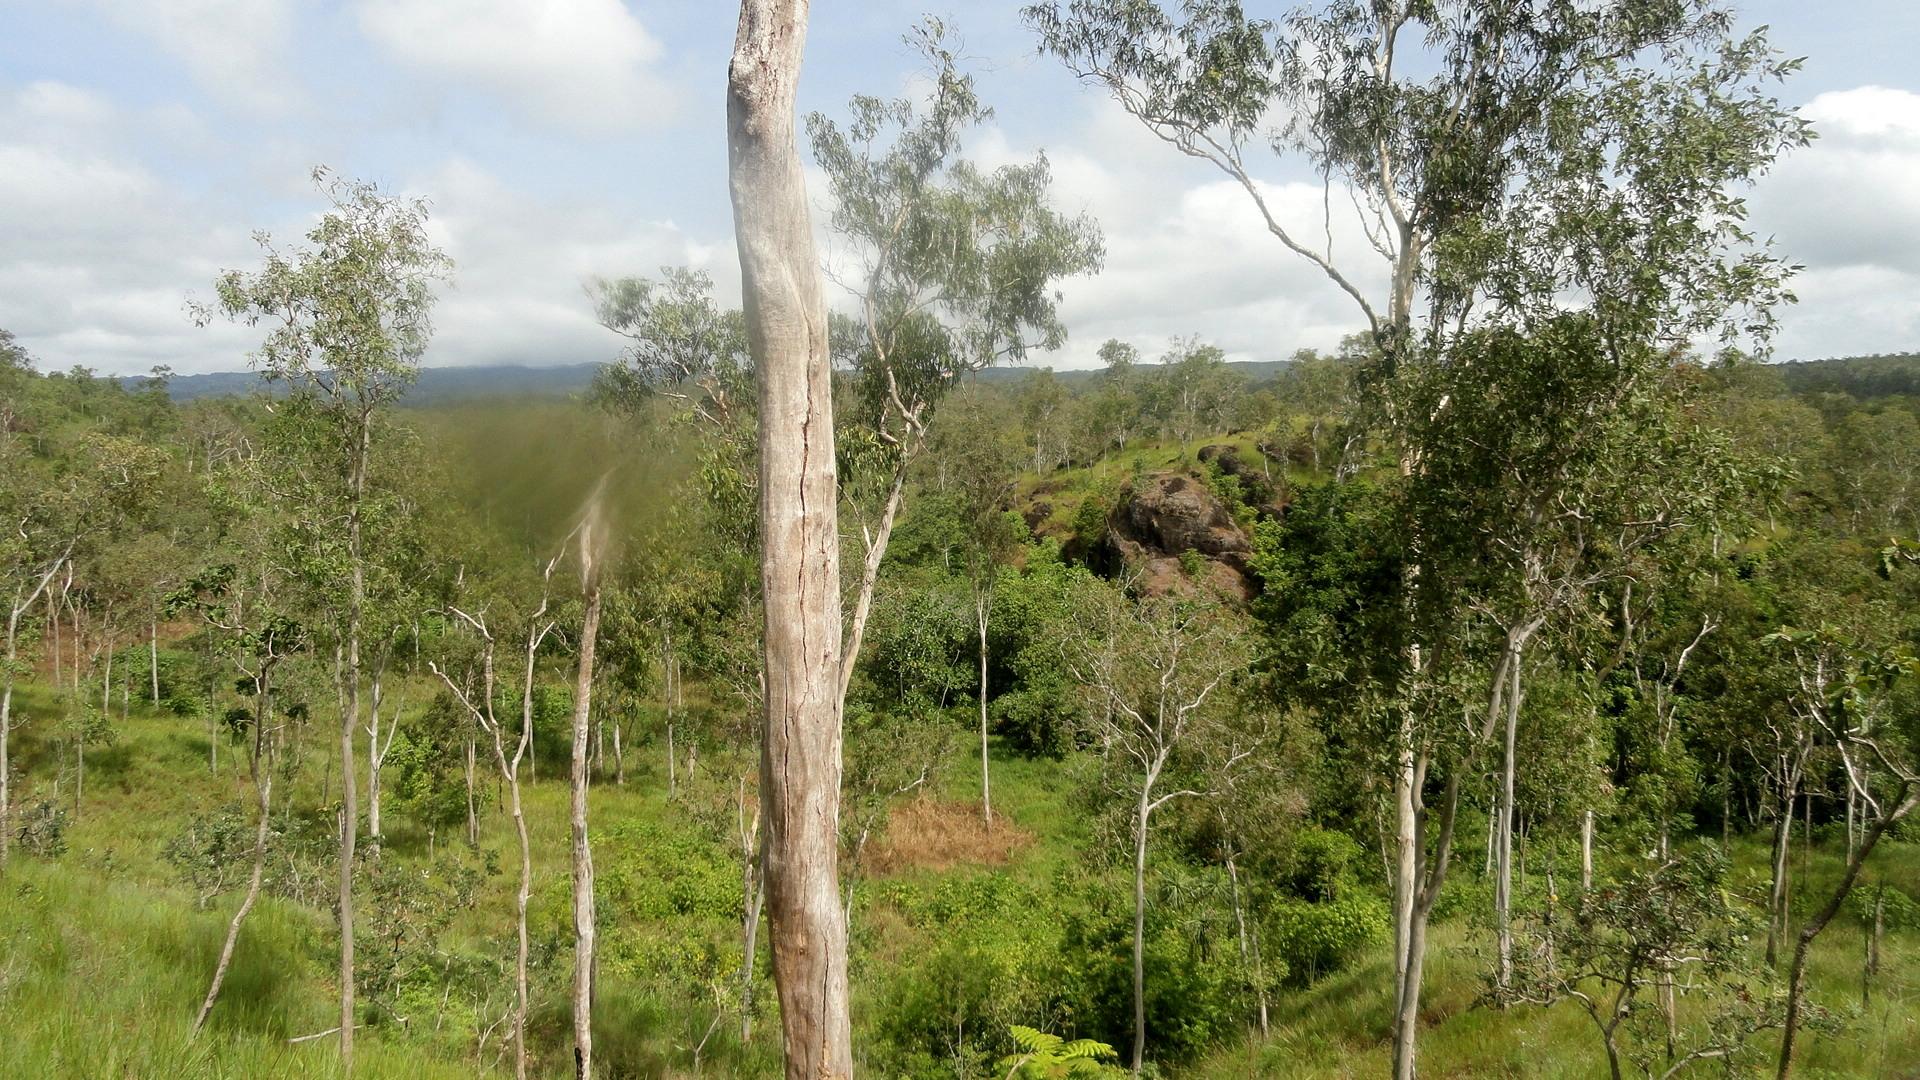 Boulders - Trees - Grass - RP Walk